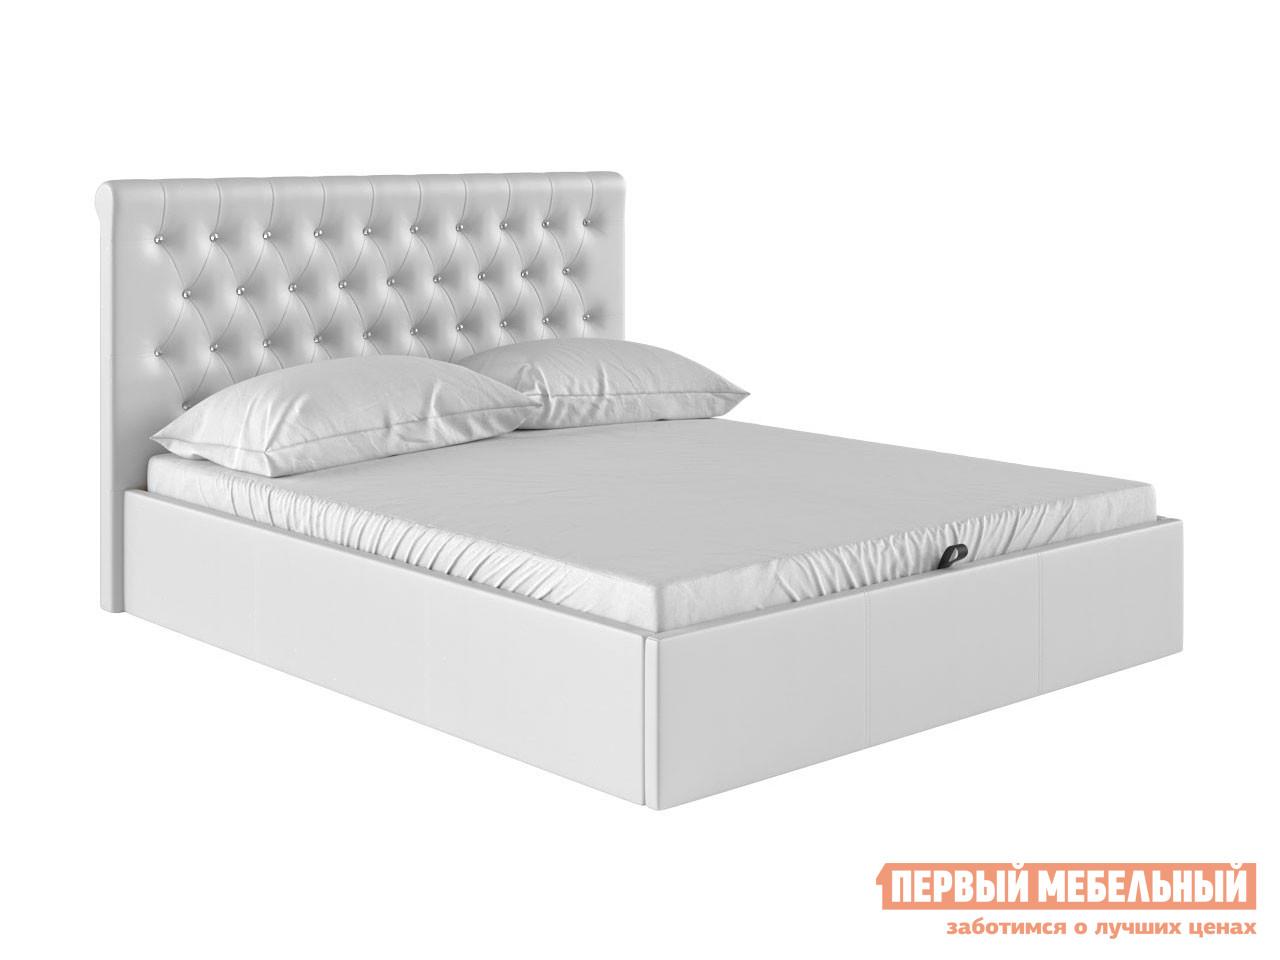 Двуспальная кровать  Кровать с подъемным механизмом Женева Белый, экокожа , 1400 Х 2000 мм — Кровать с подъемным механизмом Женева Белый, экокожа , 1400 Х 2000 мм